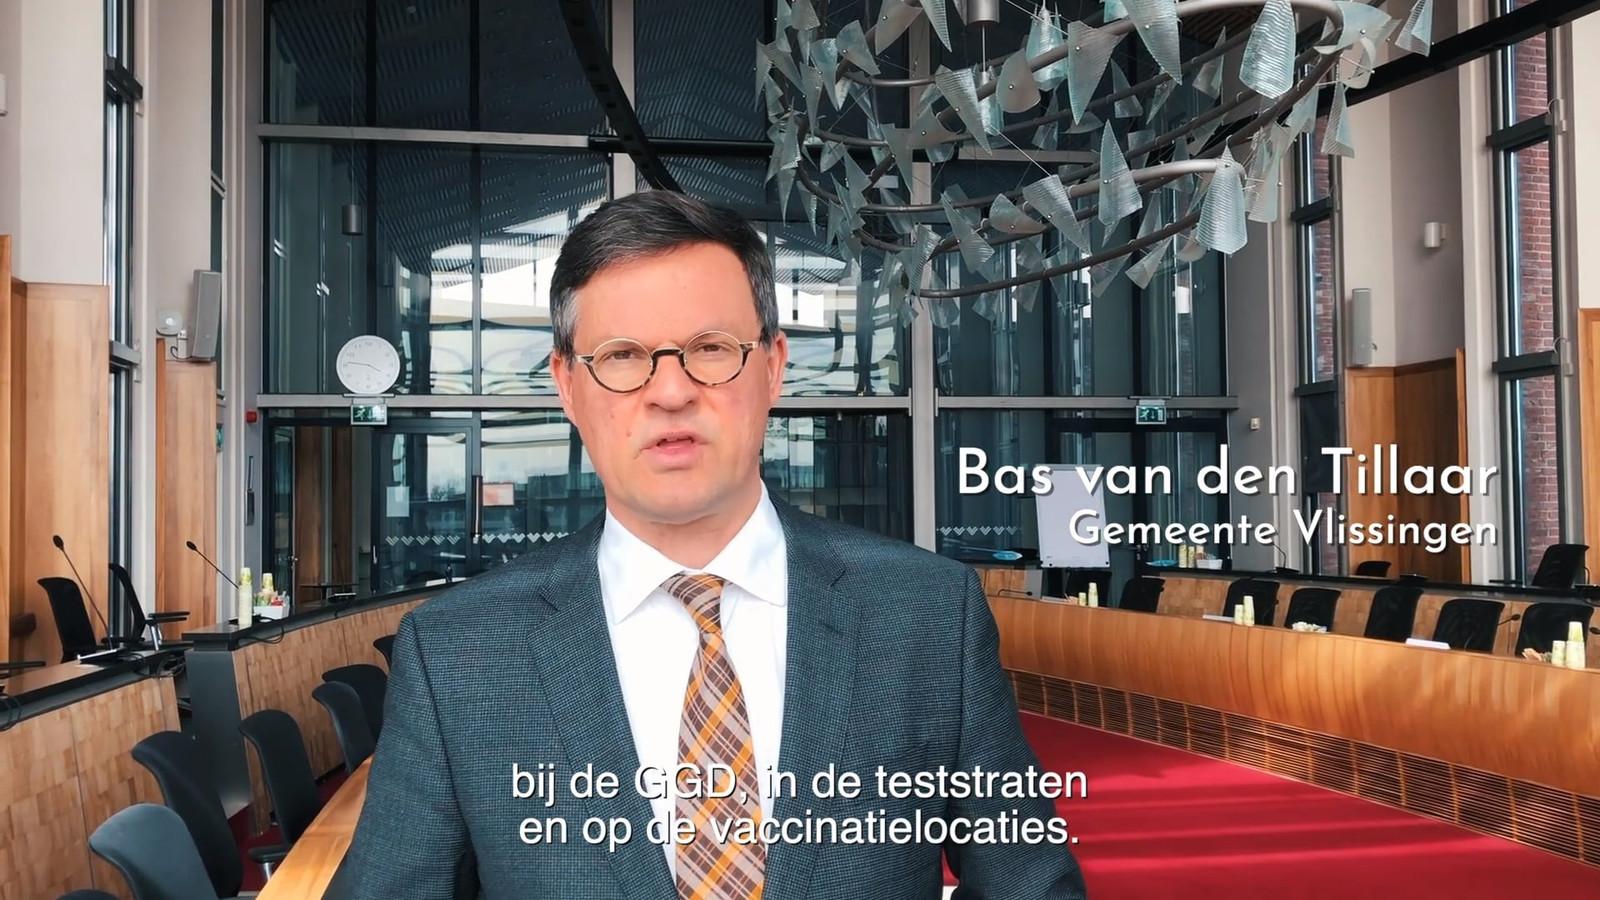 Bas van den Tillaar, een van de Zeeuwse burgemeesters die meewerkten aan de videoboodschap.